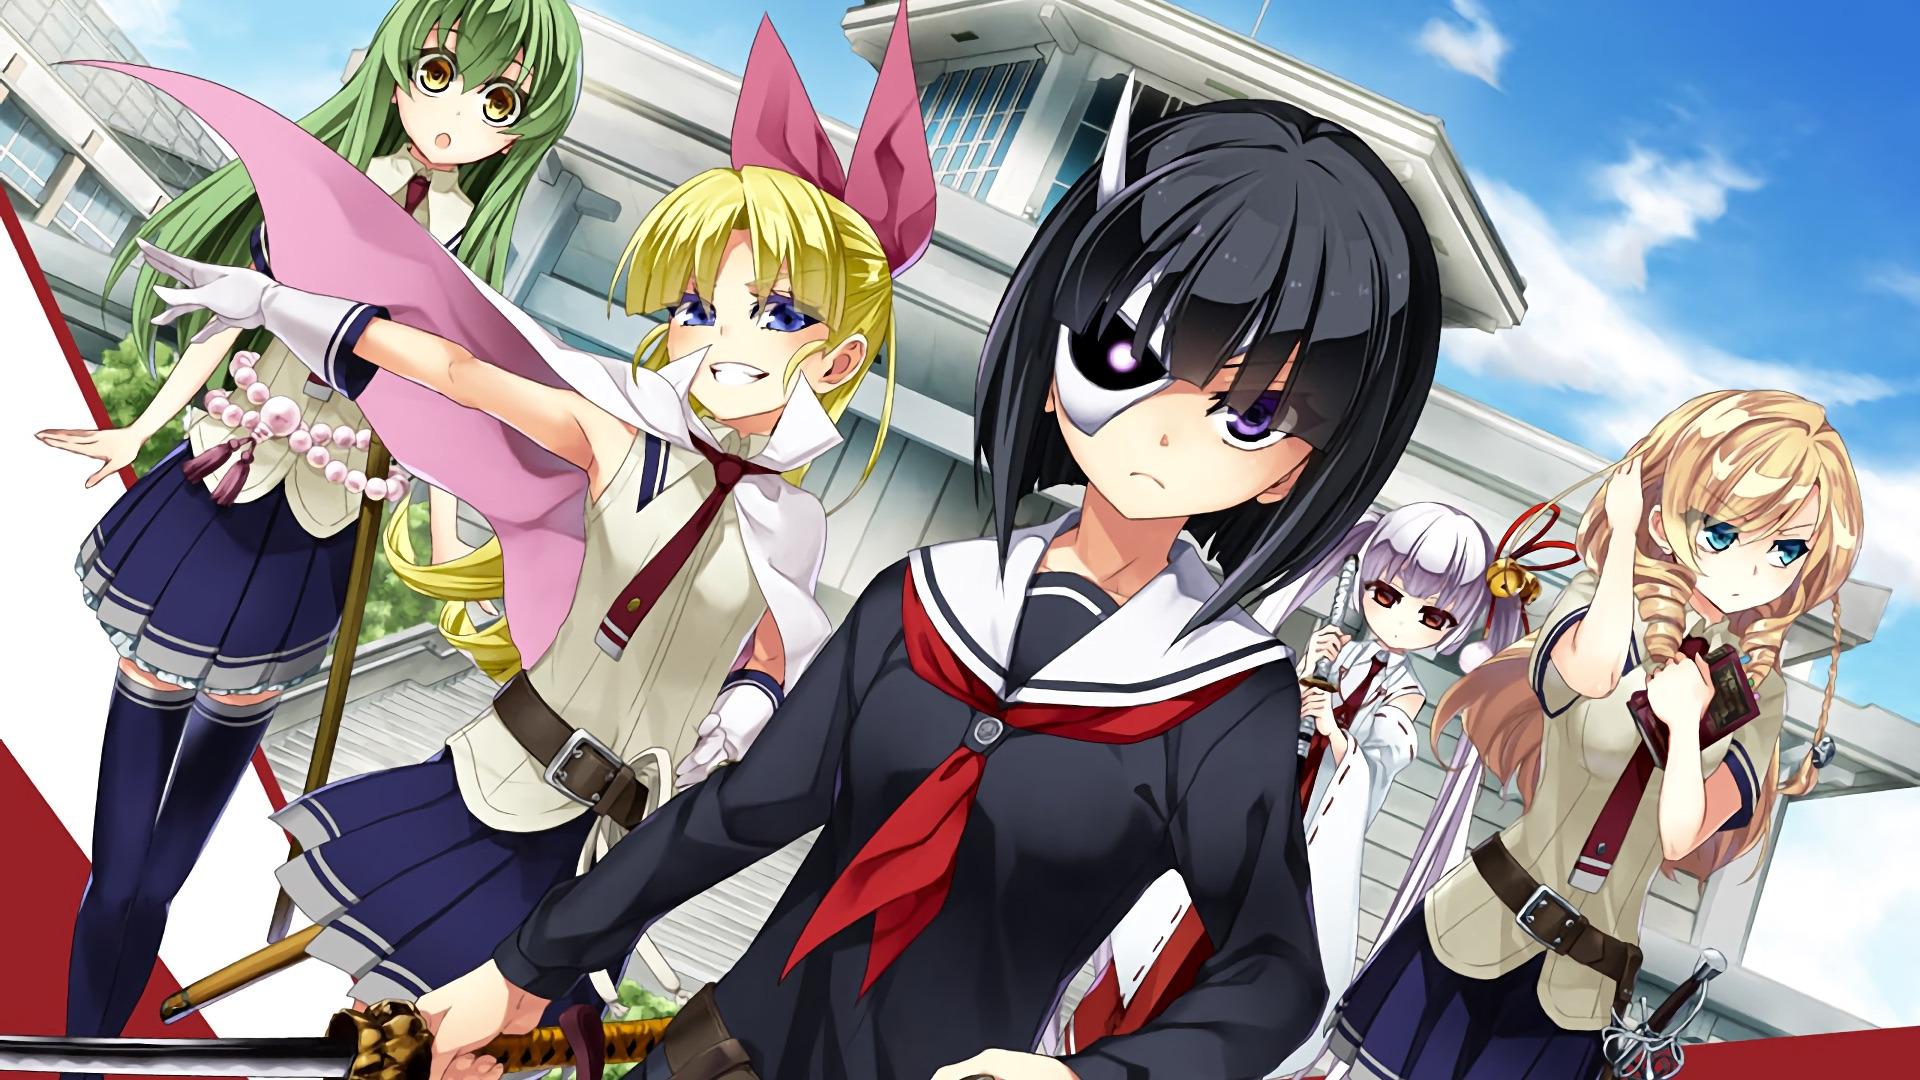 Anime Armed Girl's Machiavellism